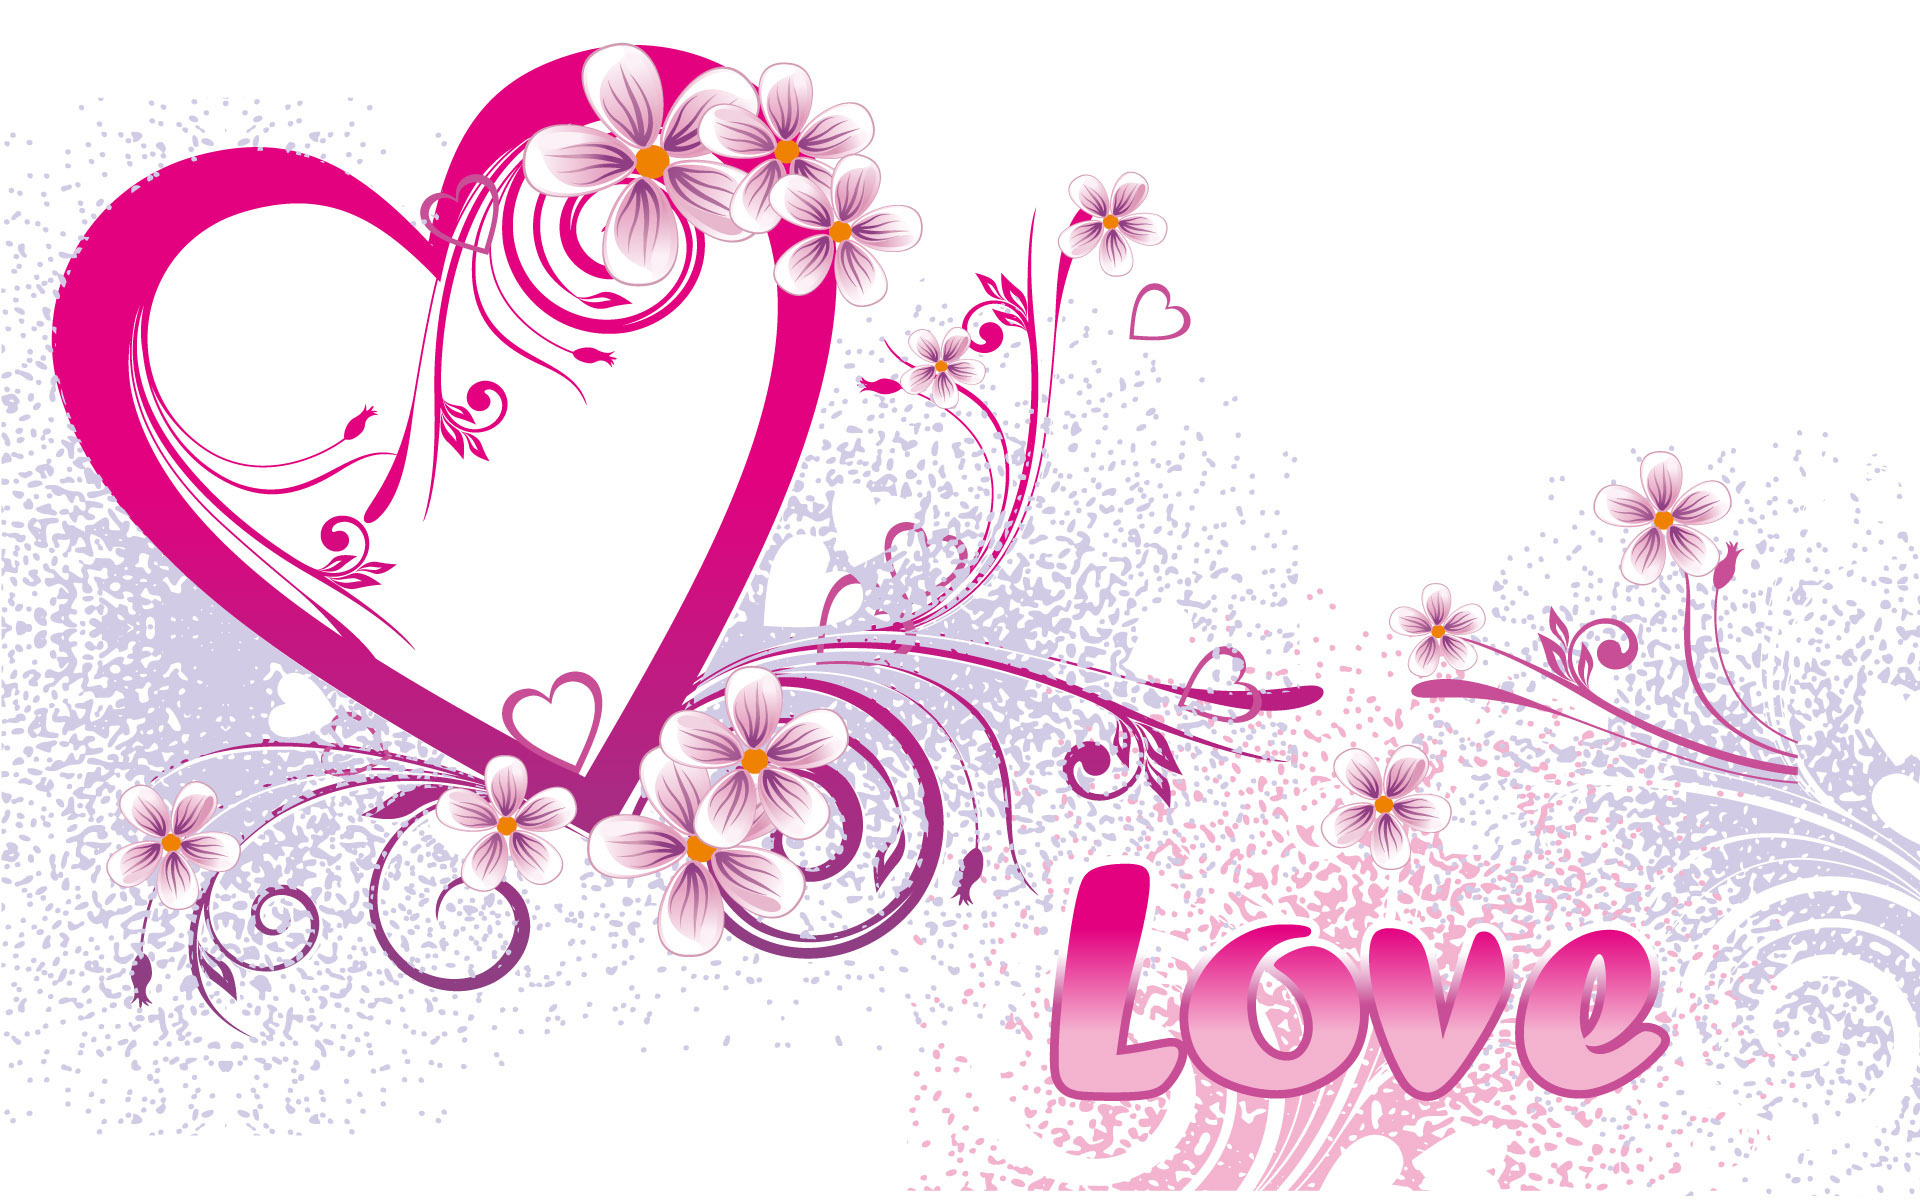 The door to love